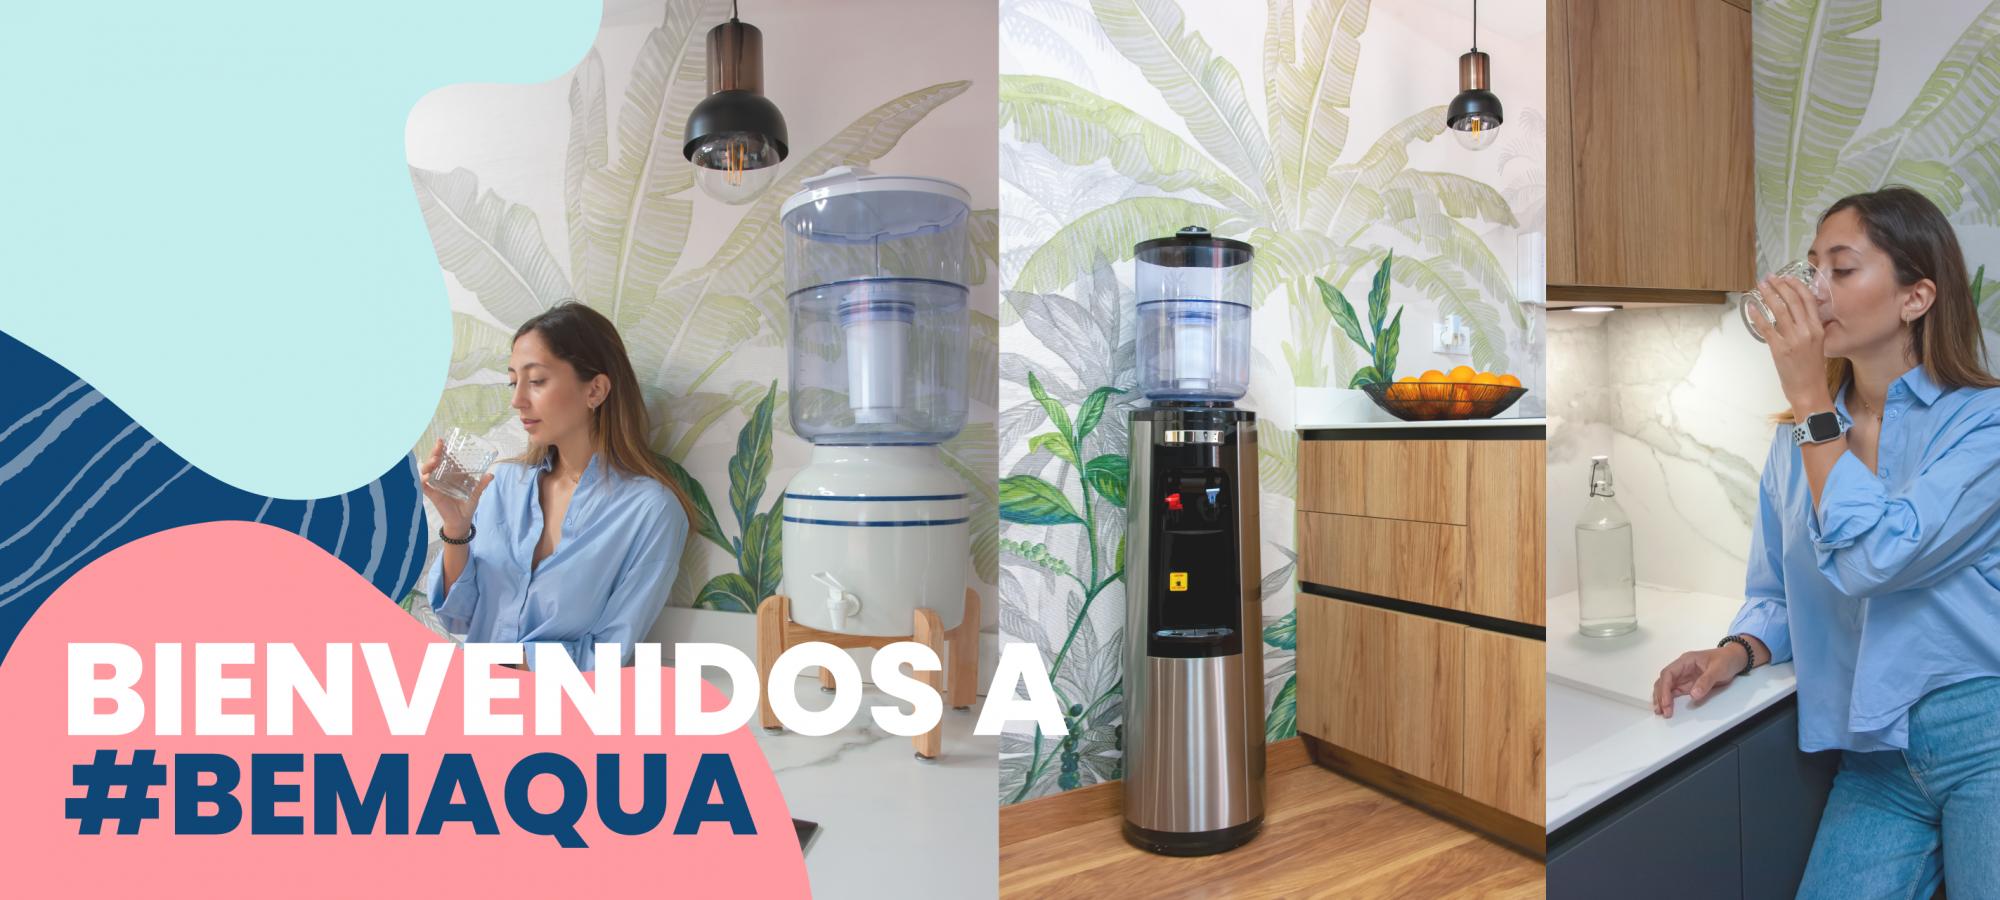 MAQUA_bienvenidos_home